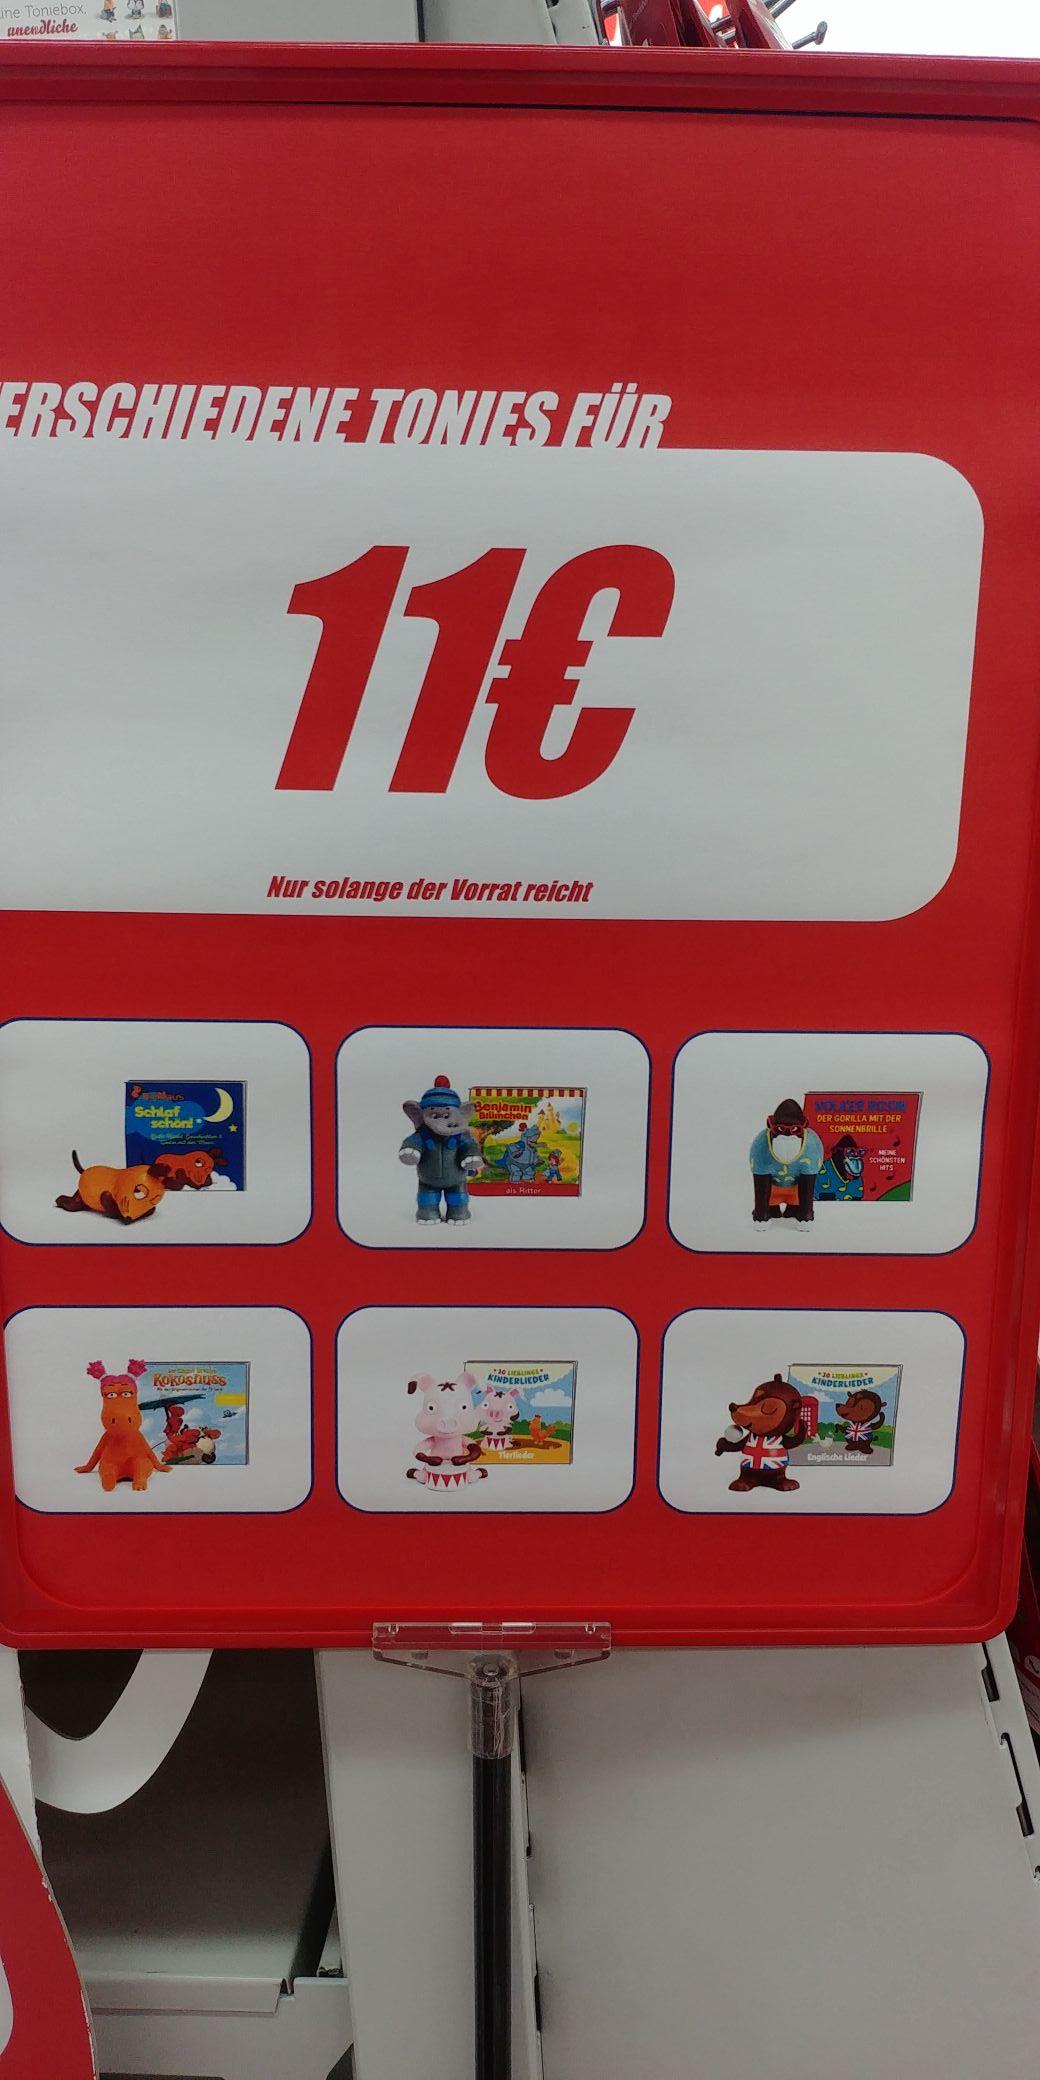 [Lokal] Mediamarkt Heidelberg Rohrbach - diverse Tonie Figuren für 11 Euro